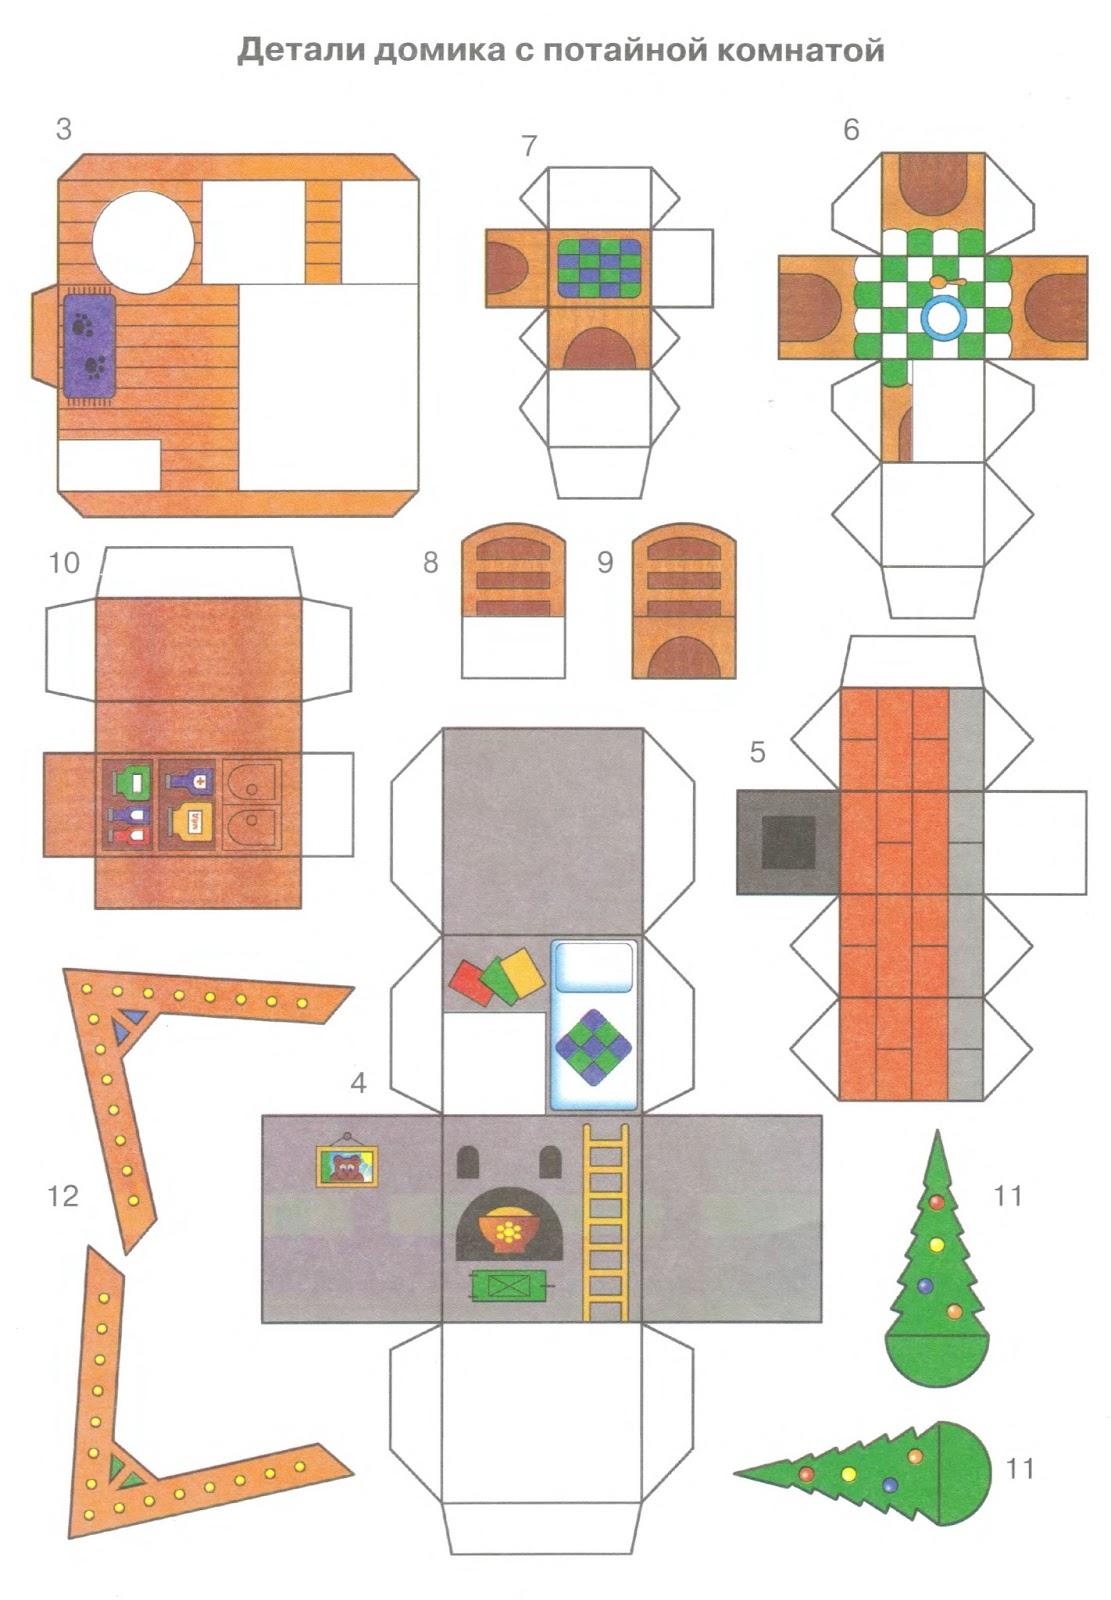 Домик для животных схема